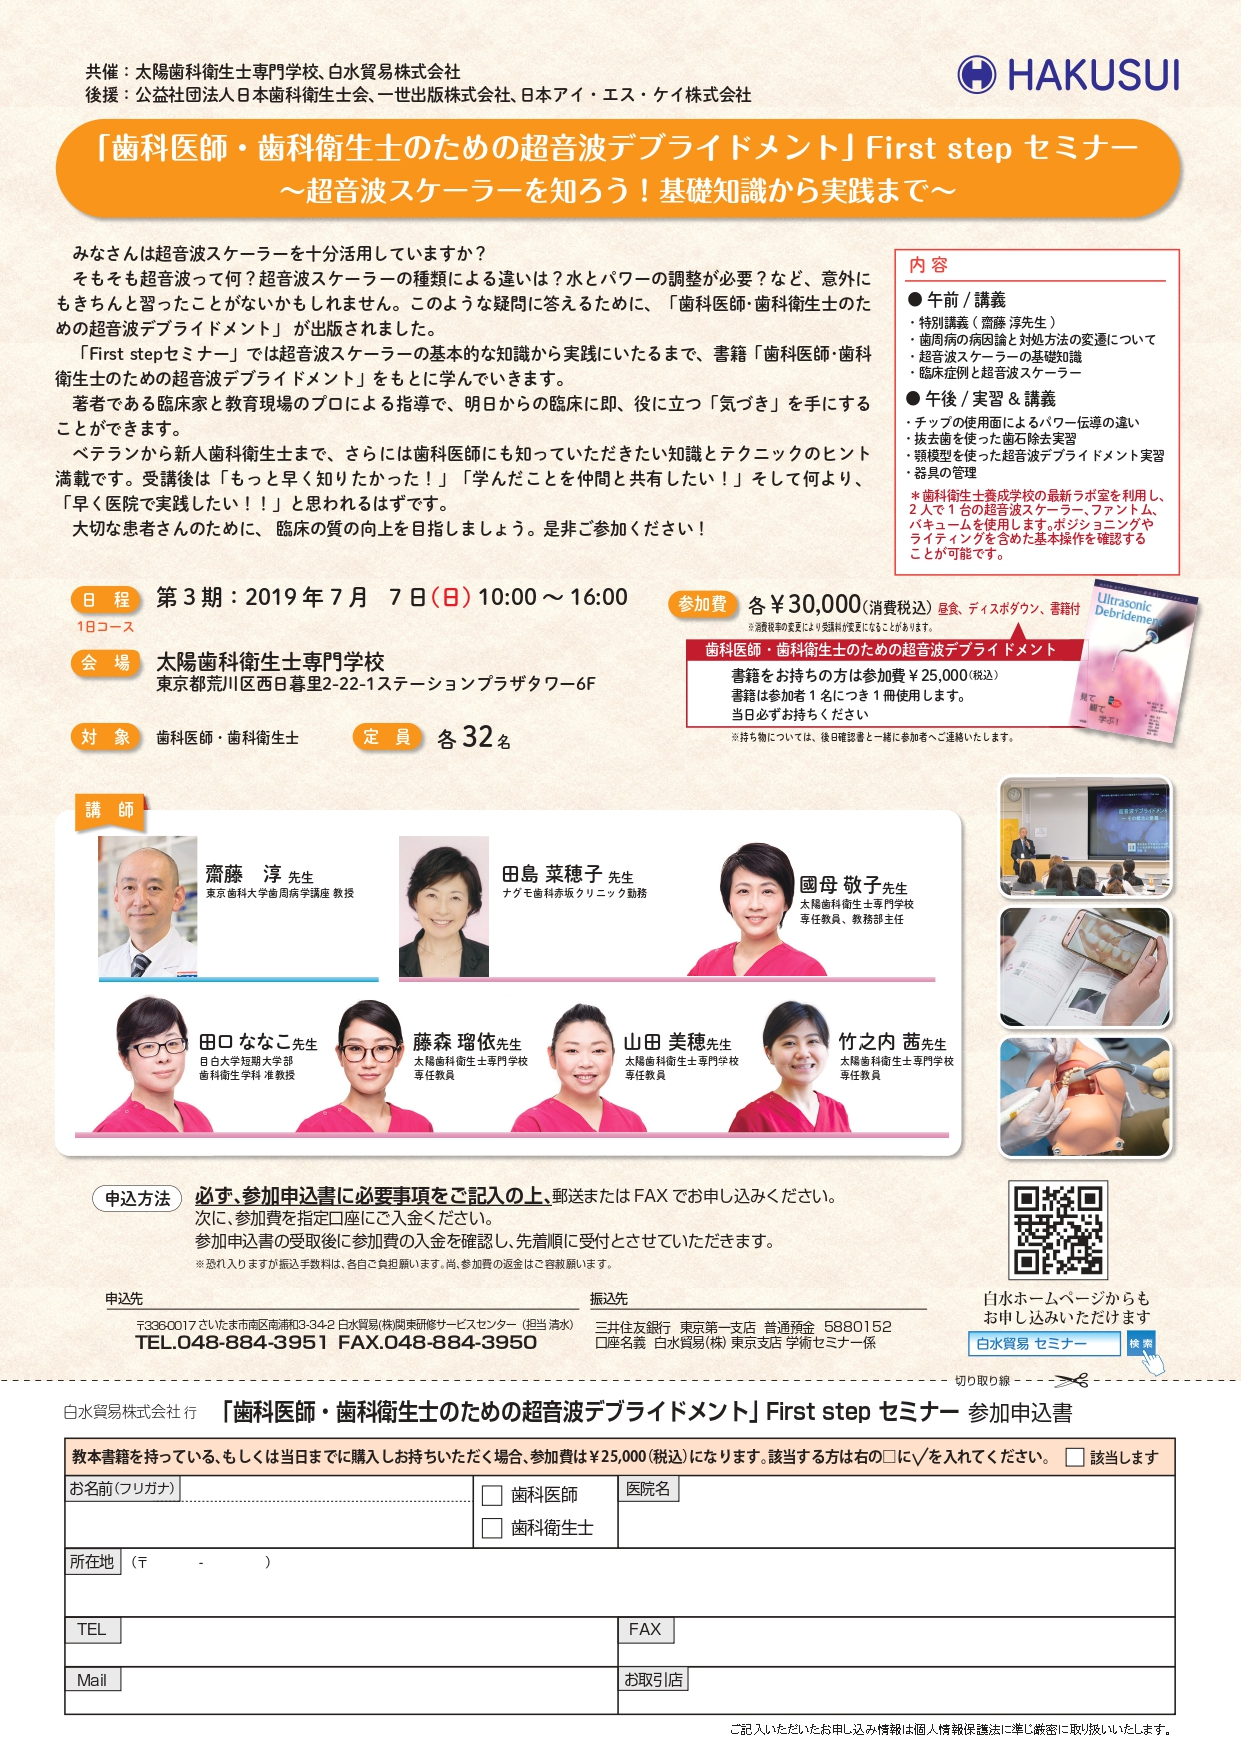 【満席】「歯科医師・歯科衛生士のための超音波デブライドメント」 First step セミナー ~超音波スケーラーを知ろう!基礎知識から実践まで~